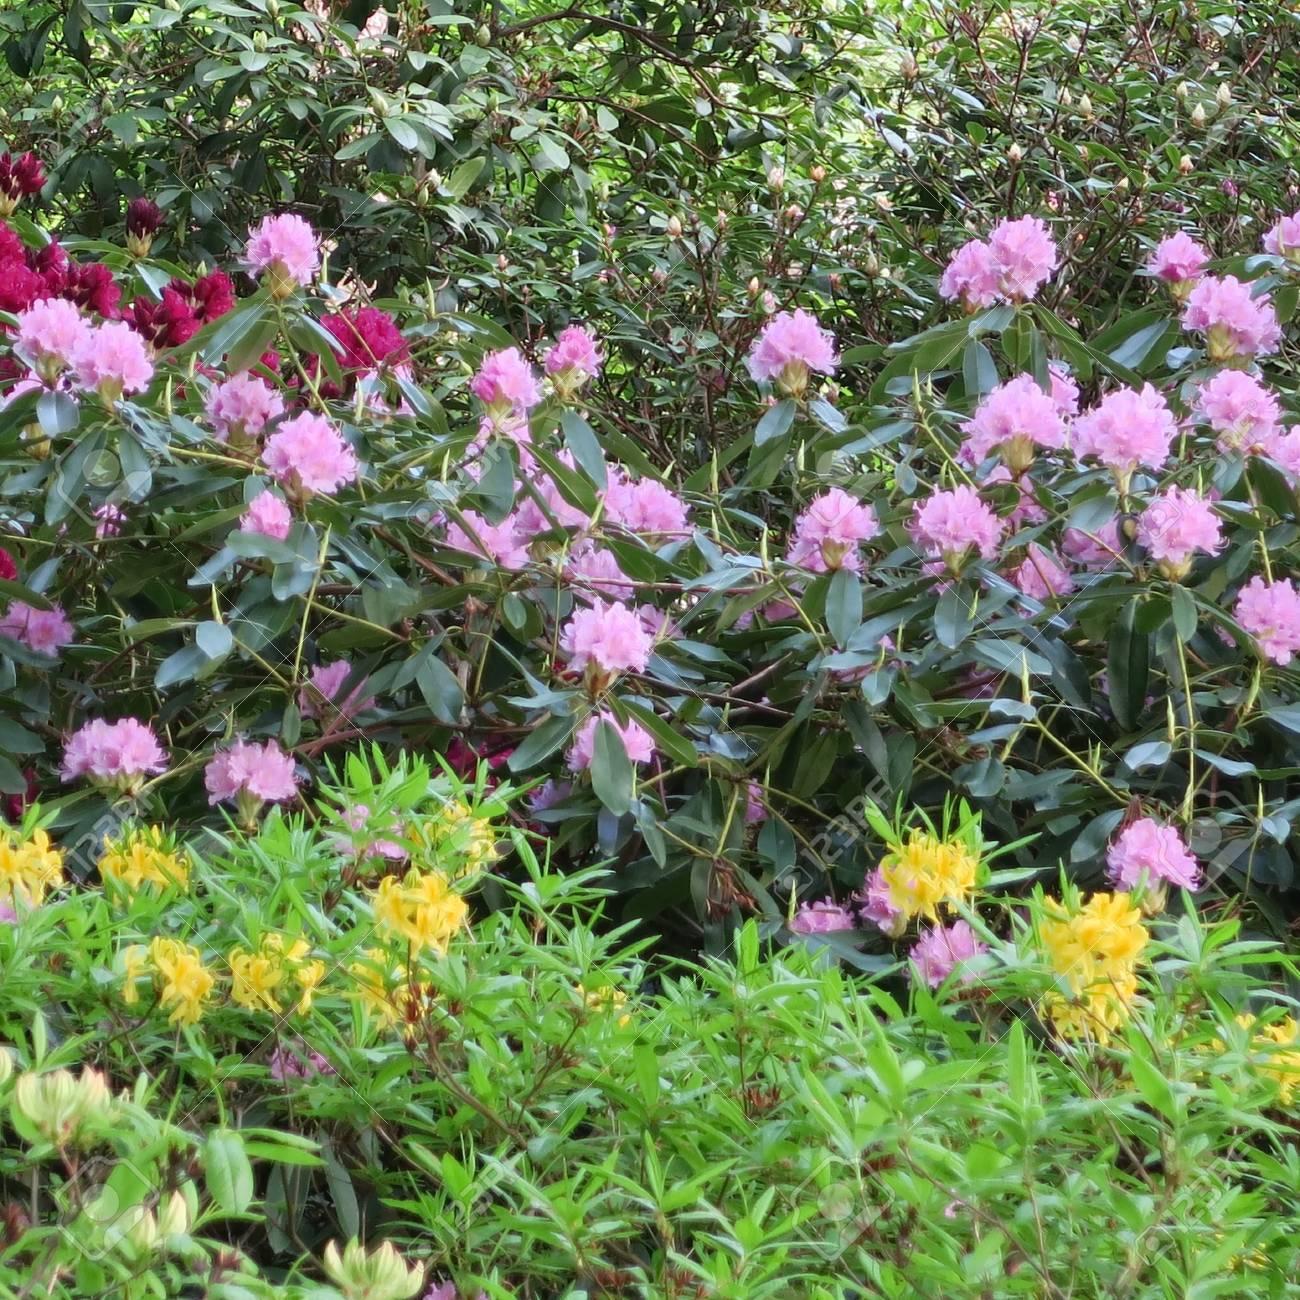 Elegant Blumen Mai Das Beste Von Standard-bild - Viele Bunte Blühen Im Von